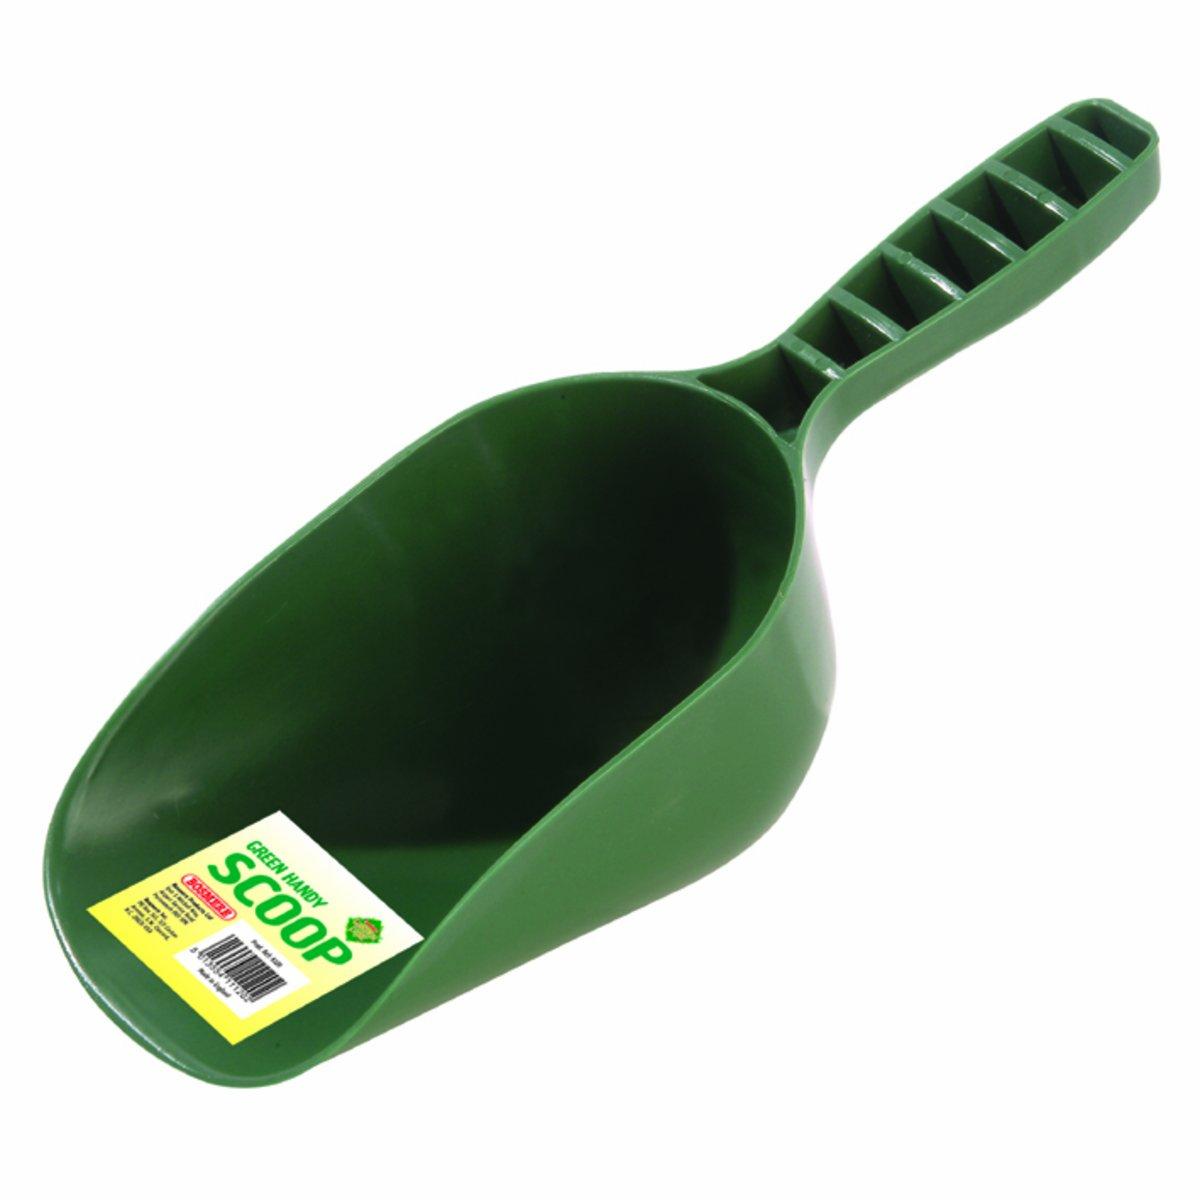 bosmere k120 handy scoop green amazon co uk garden u0026 outdoors